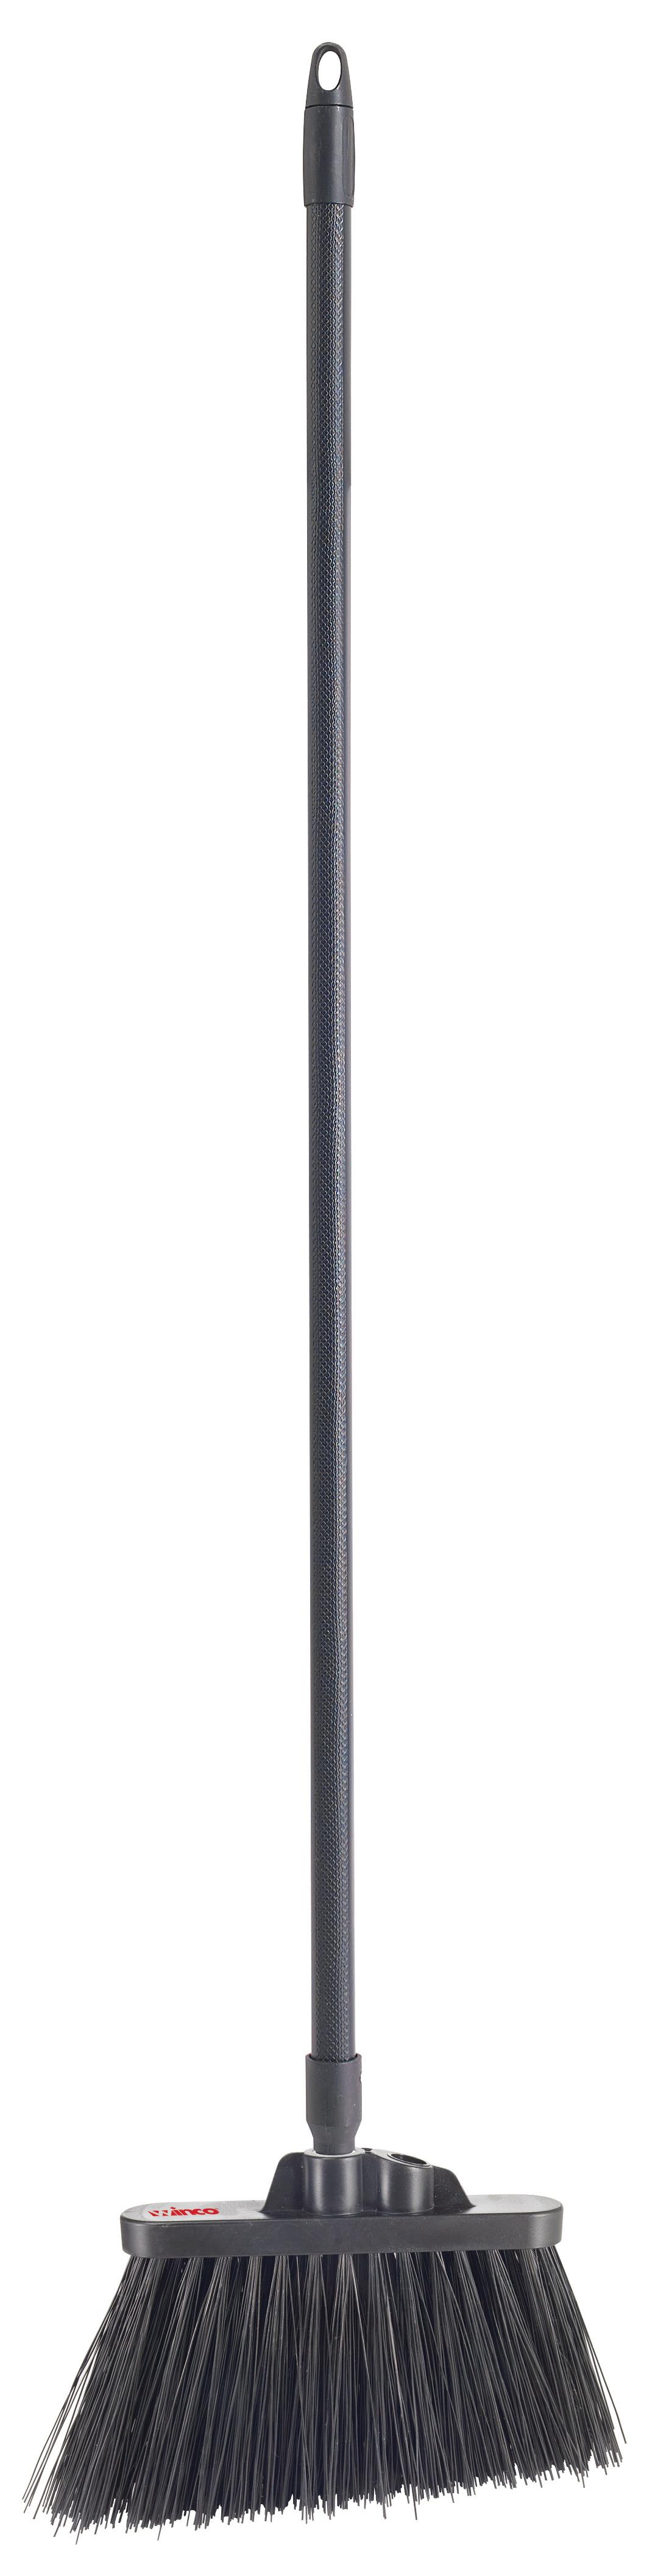 Winco BRAU-9K-H broom set